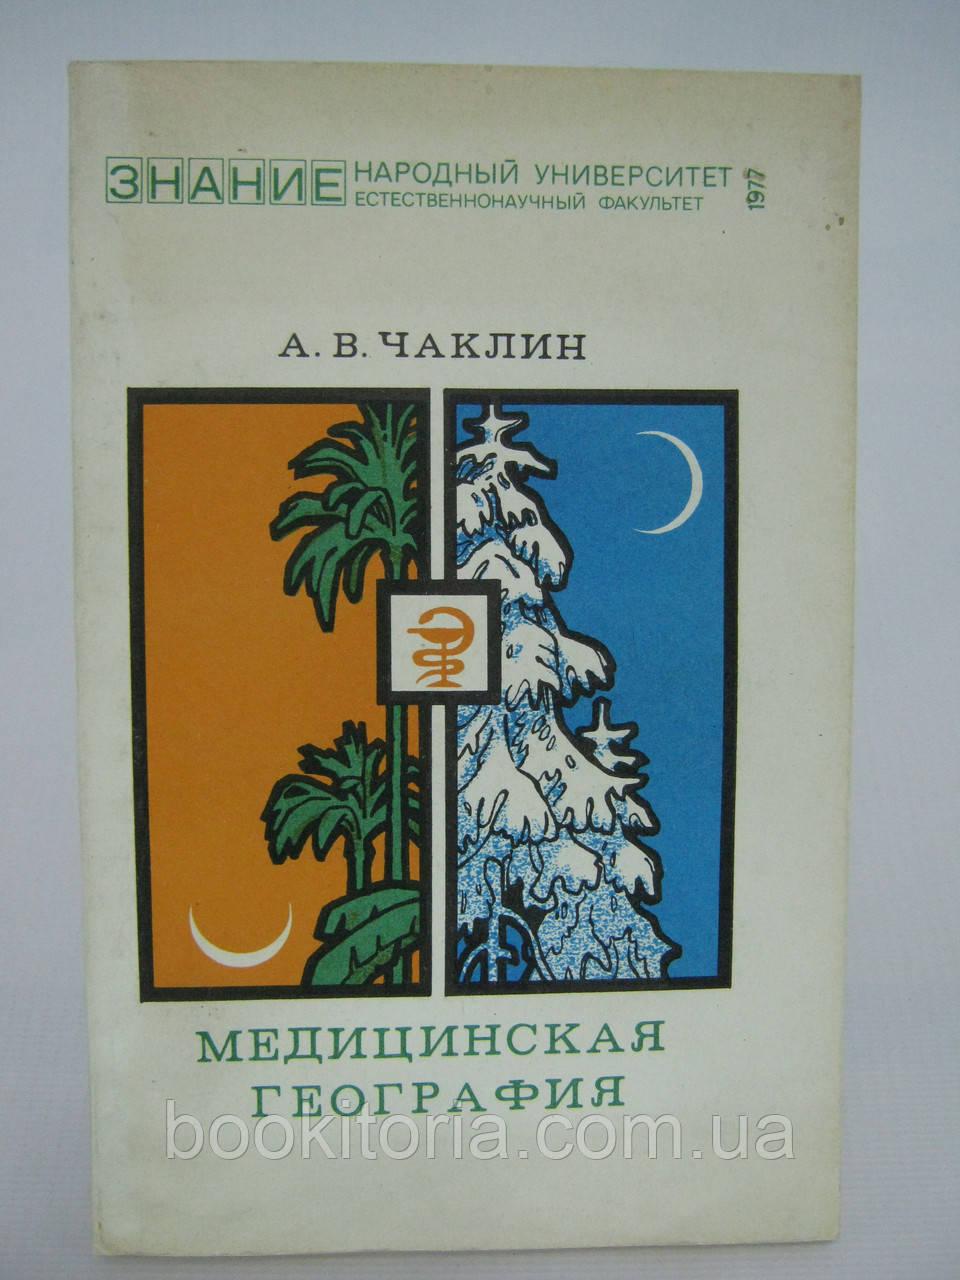 Чаклин А.В. Медицинская география (б/у).